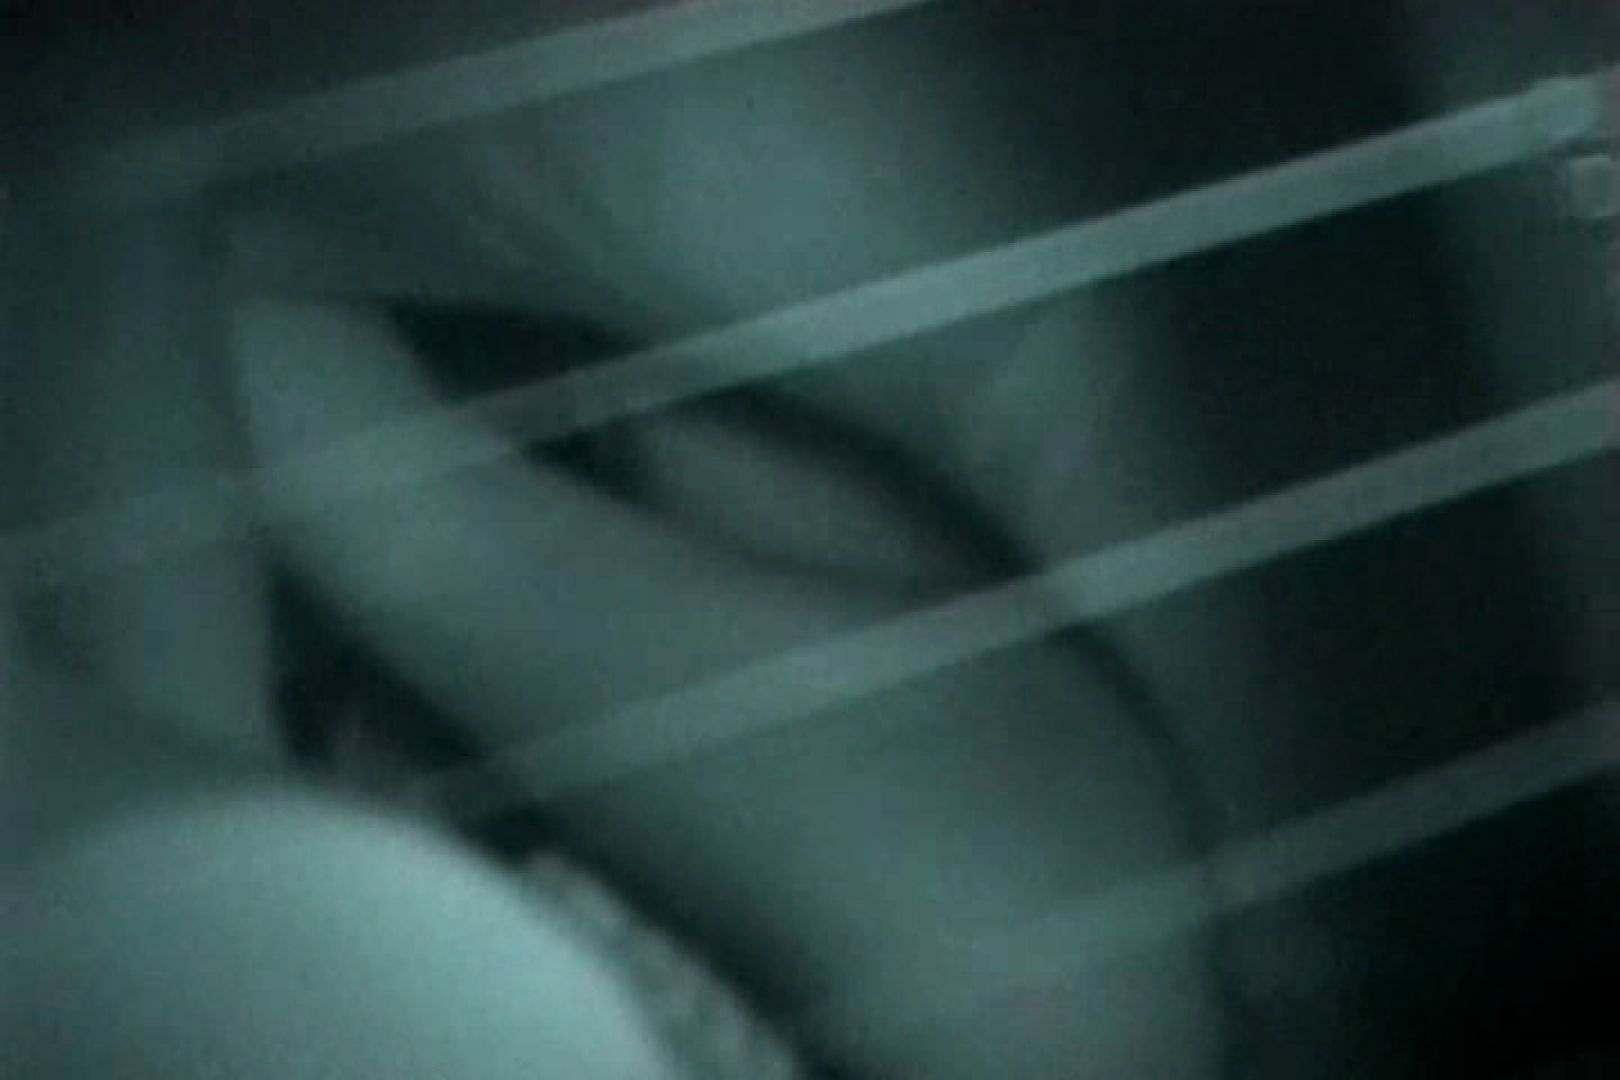 充血監督の深夜の運動会Vol.136 カップル | 赤外線  100画像 46